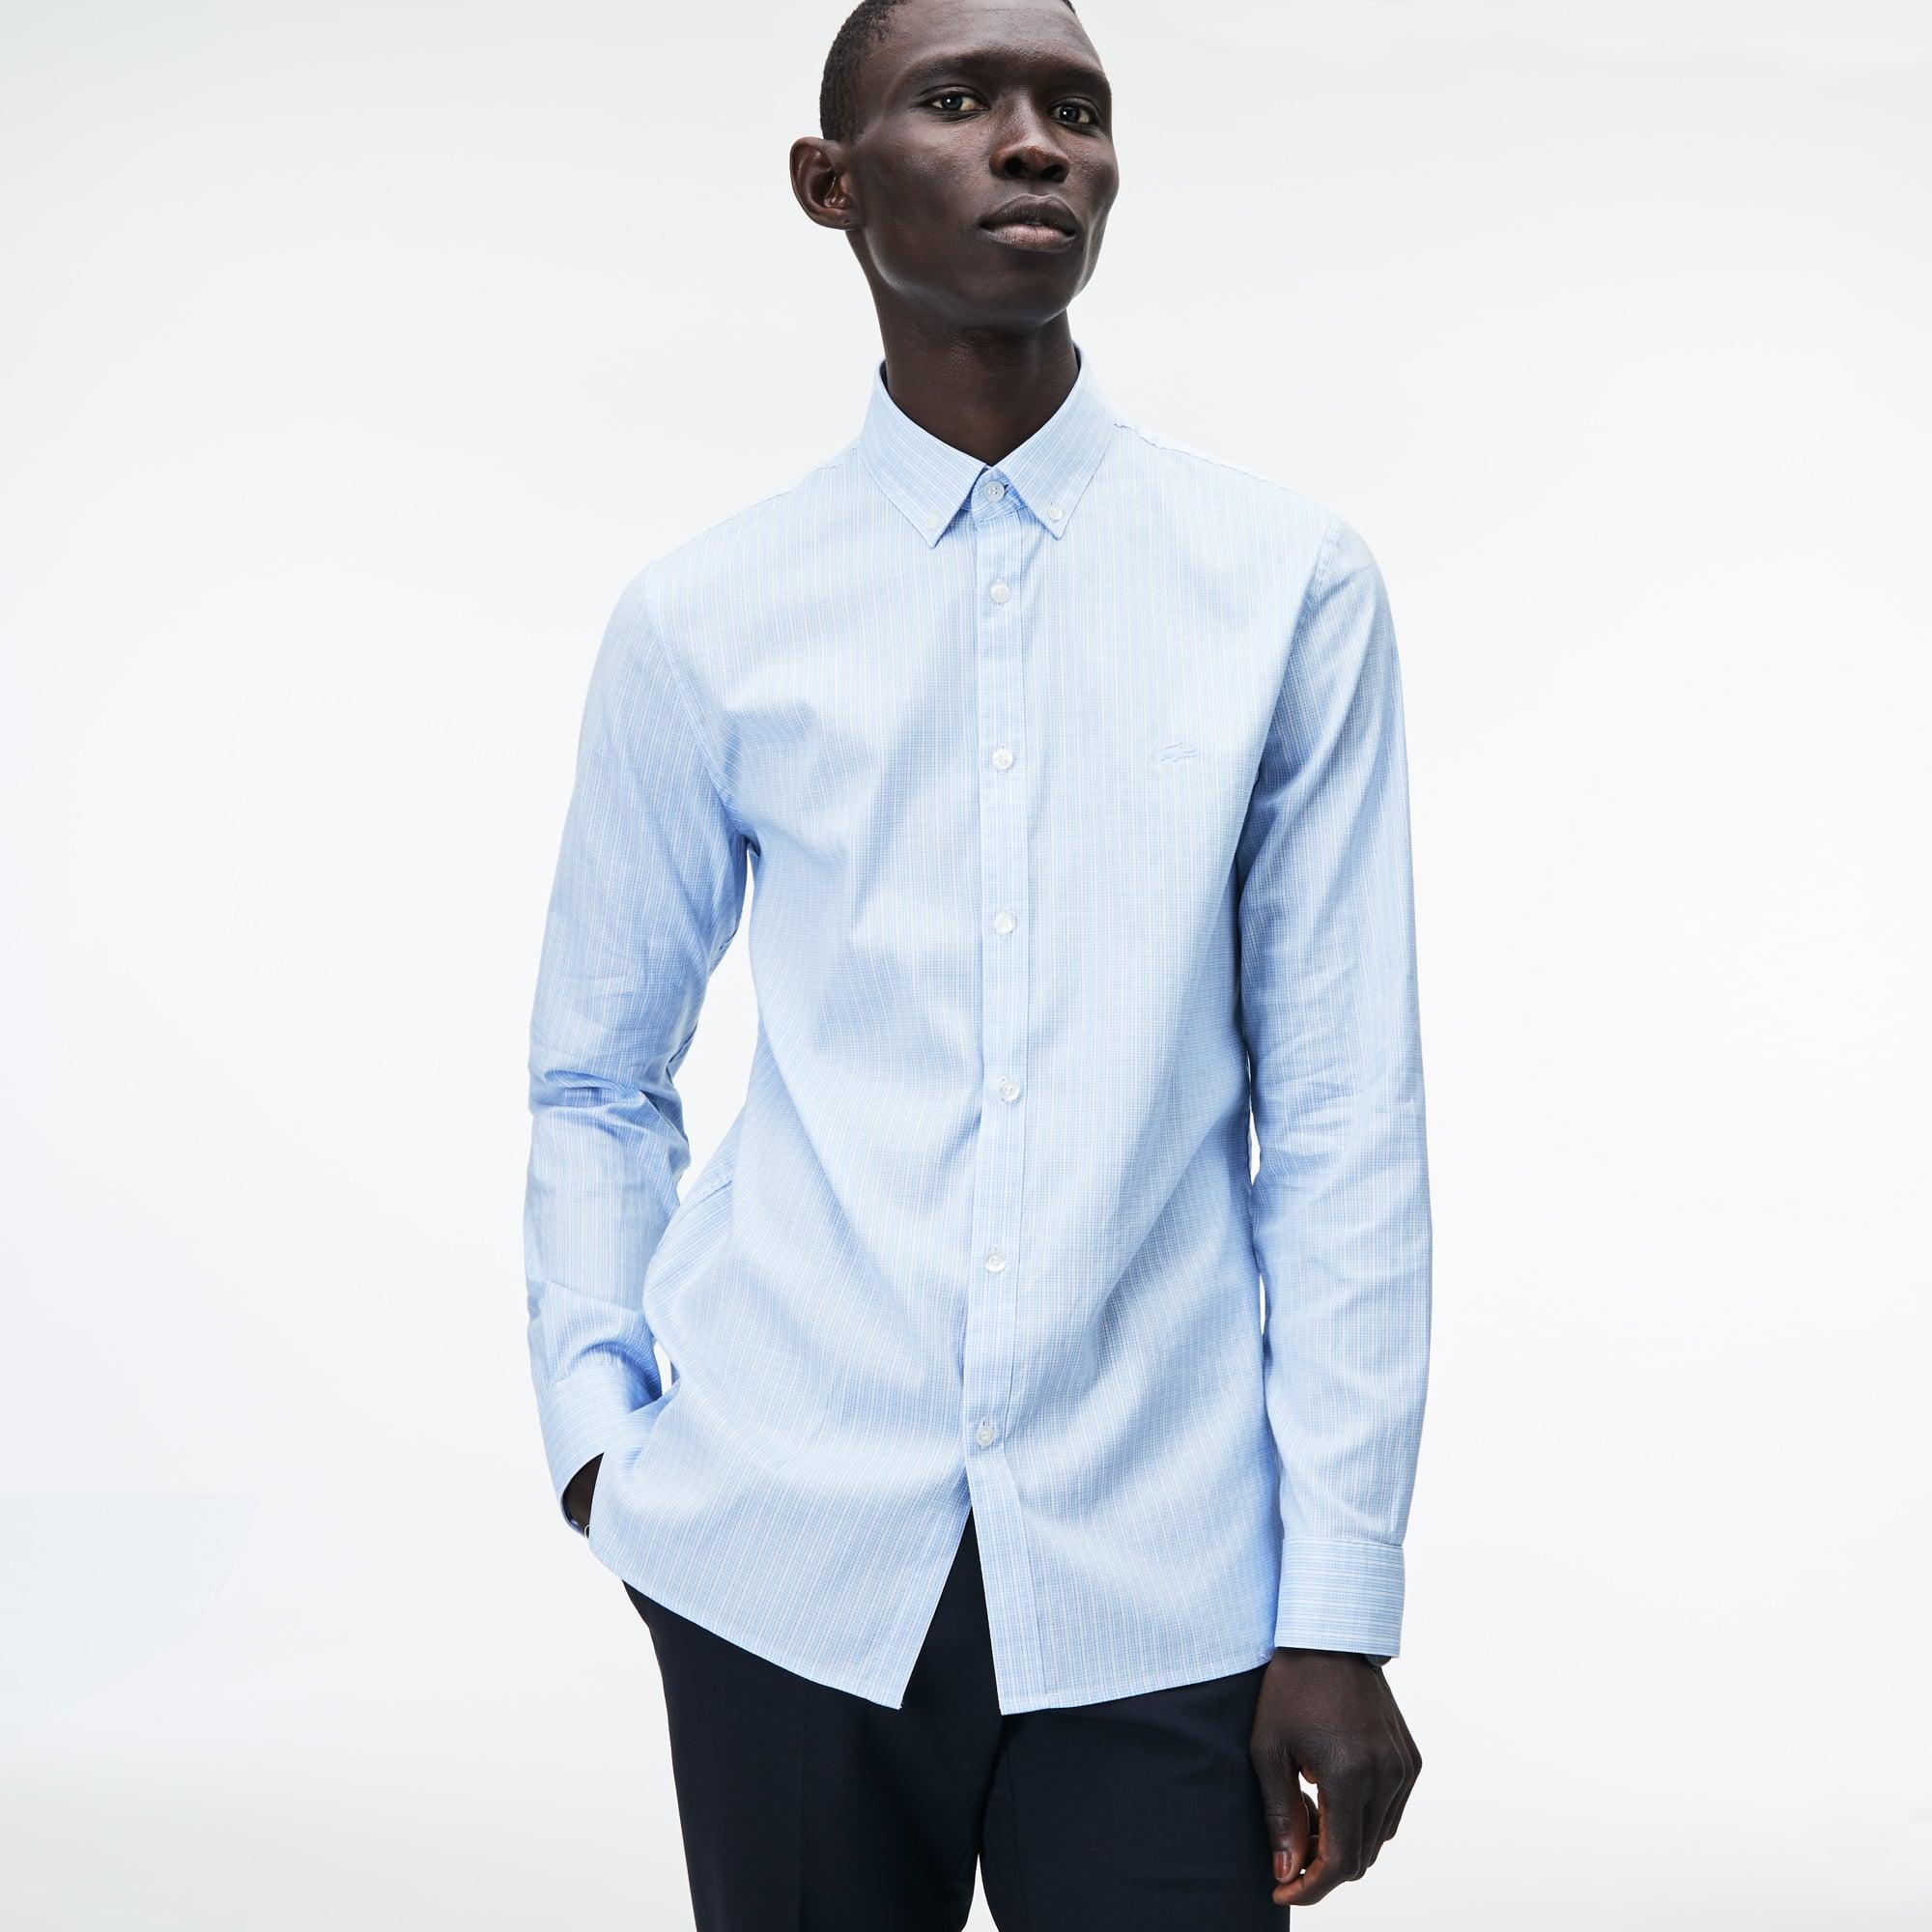 3aa5de1c967be7 Homme Lacoste W4utsq Chemises Chemises Vêtements W4utsq Homme Lacoste  Chemises Vêtements Homme 55Wq7fS